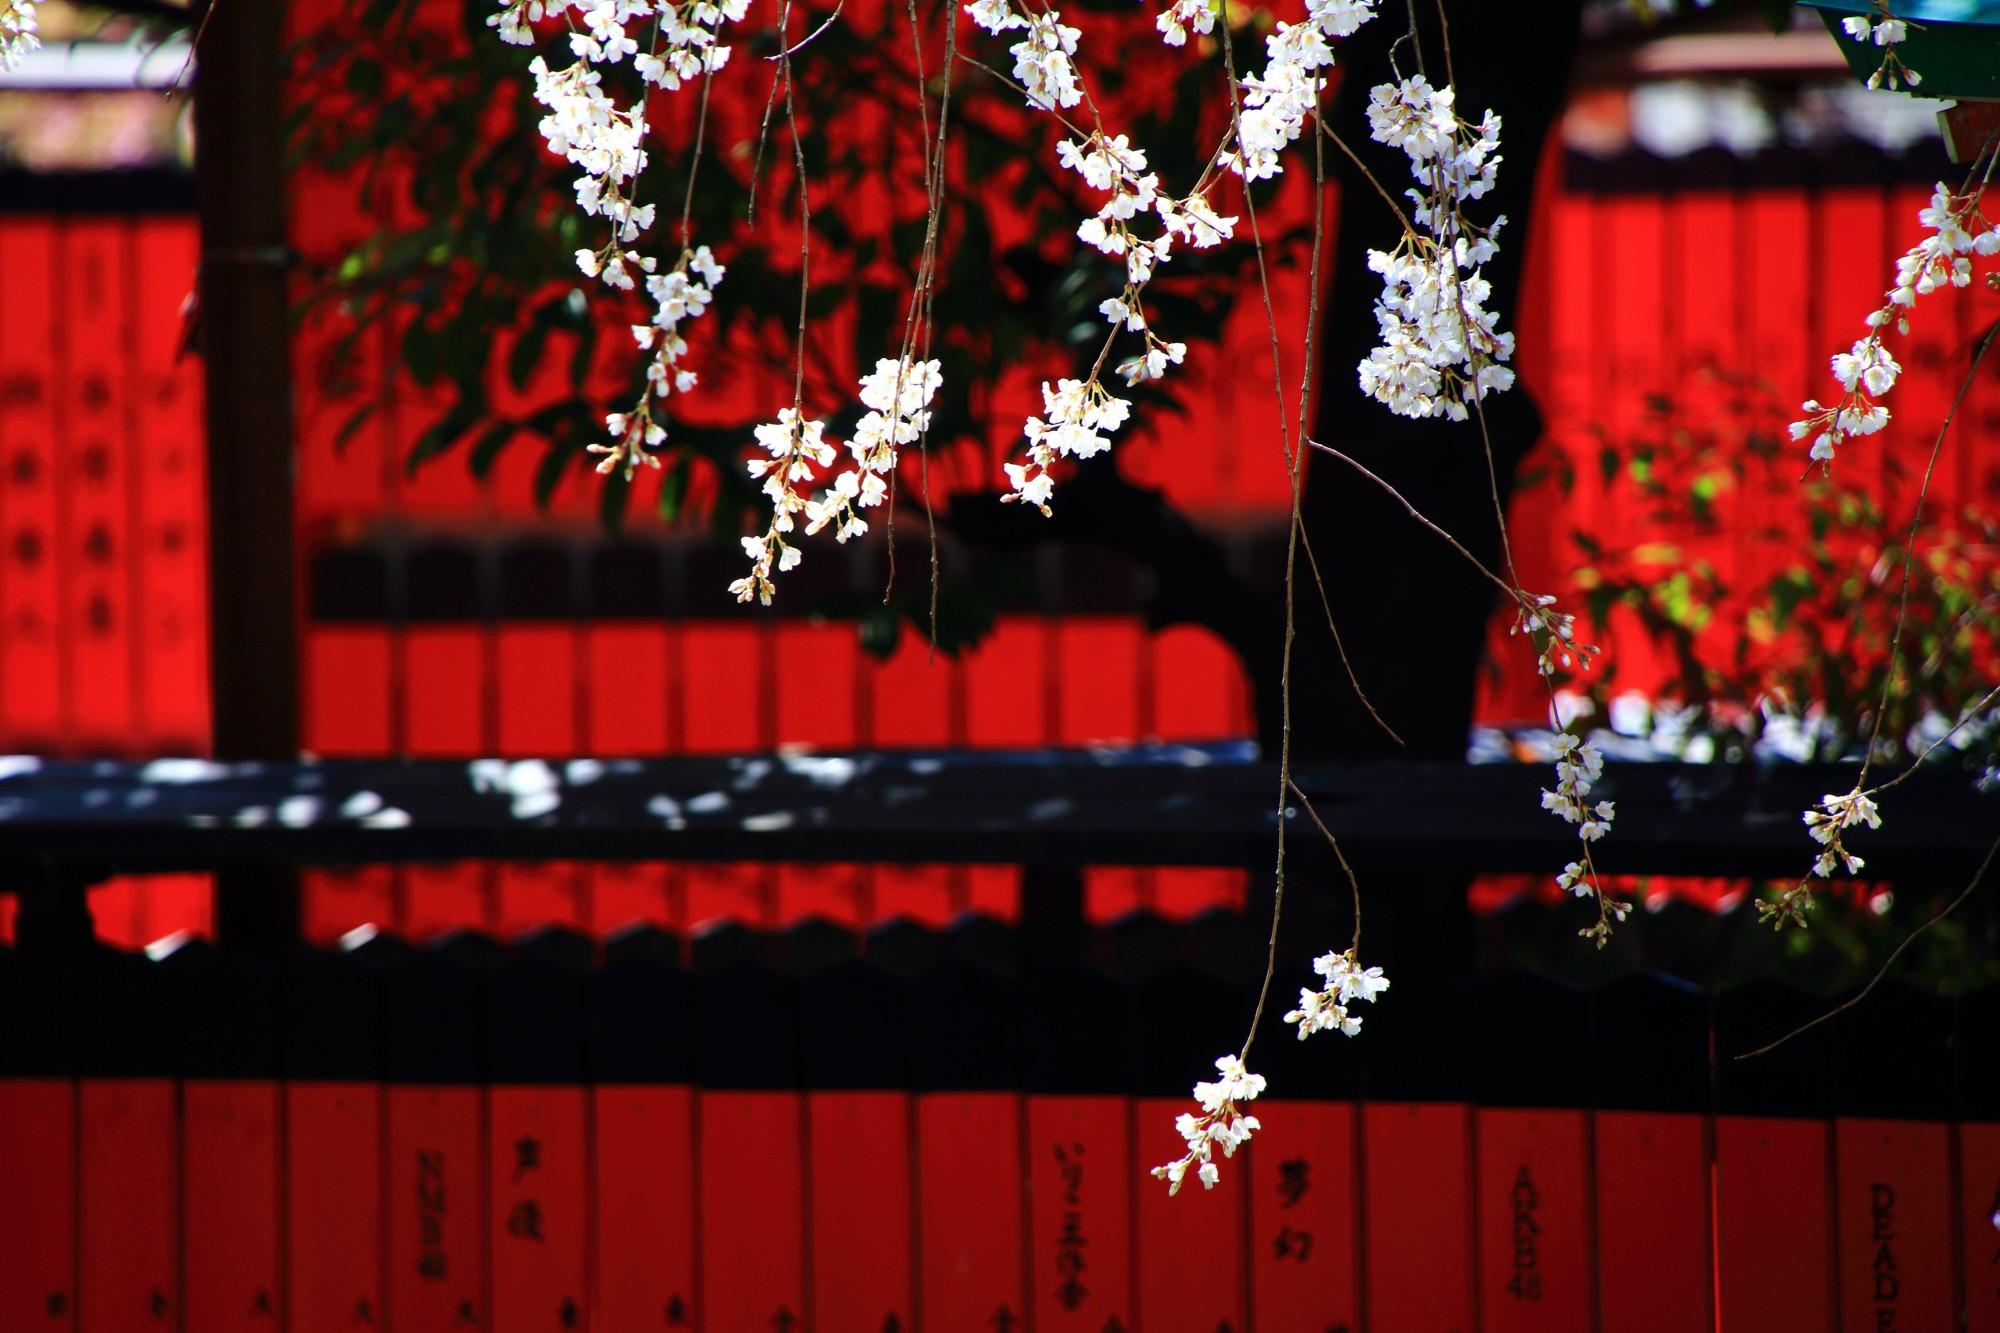 車折神社 渓仙桜 メジロと煌びやかな早咲きの桜